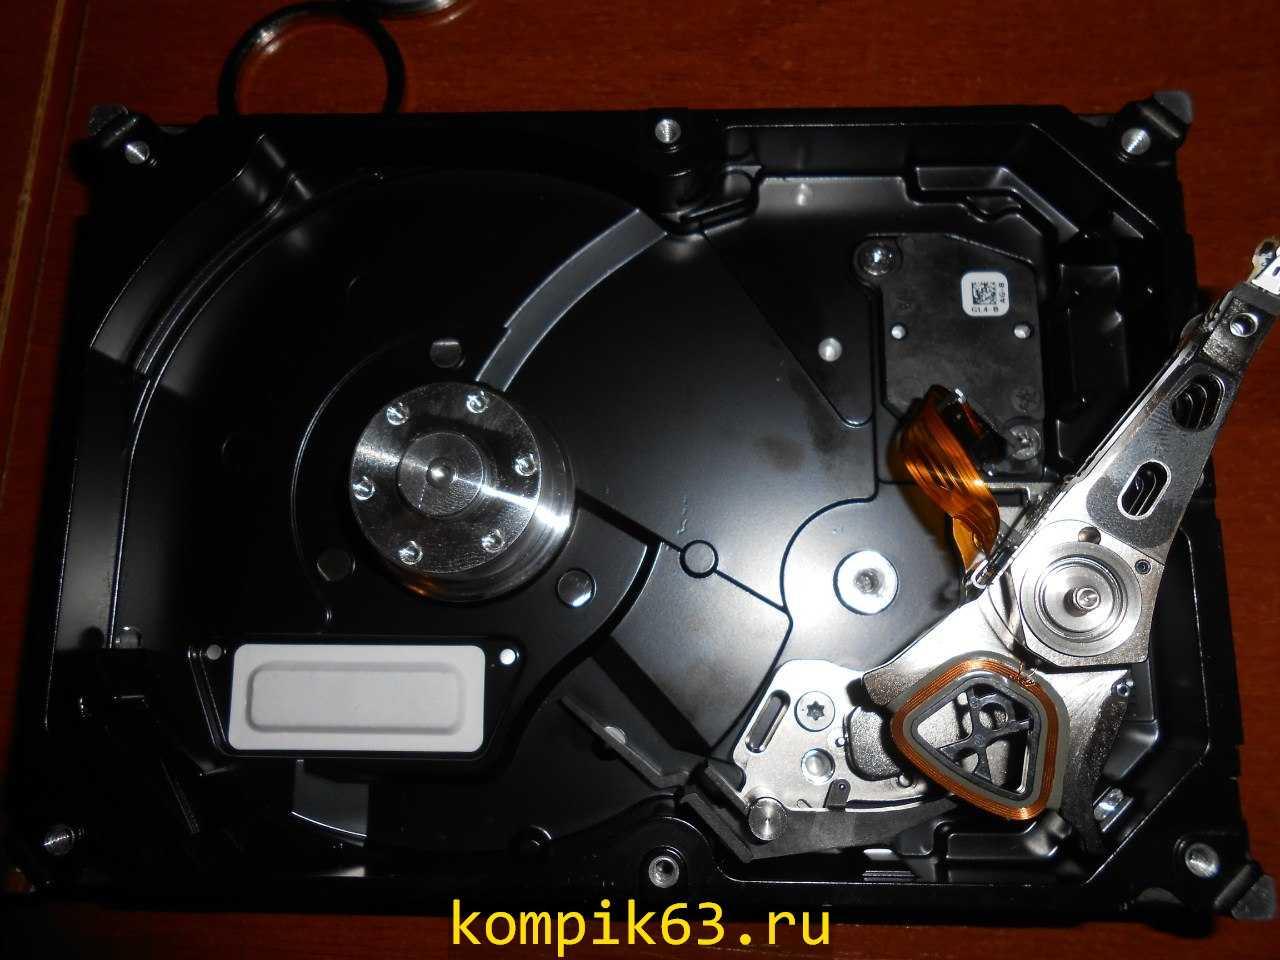 kompik63.ru-114